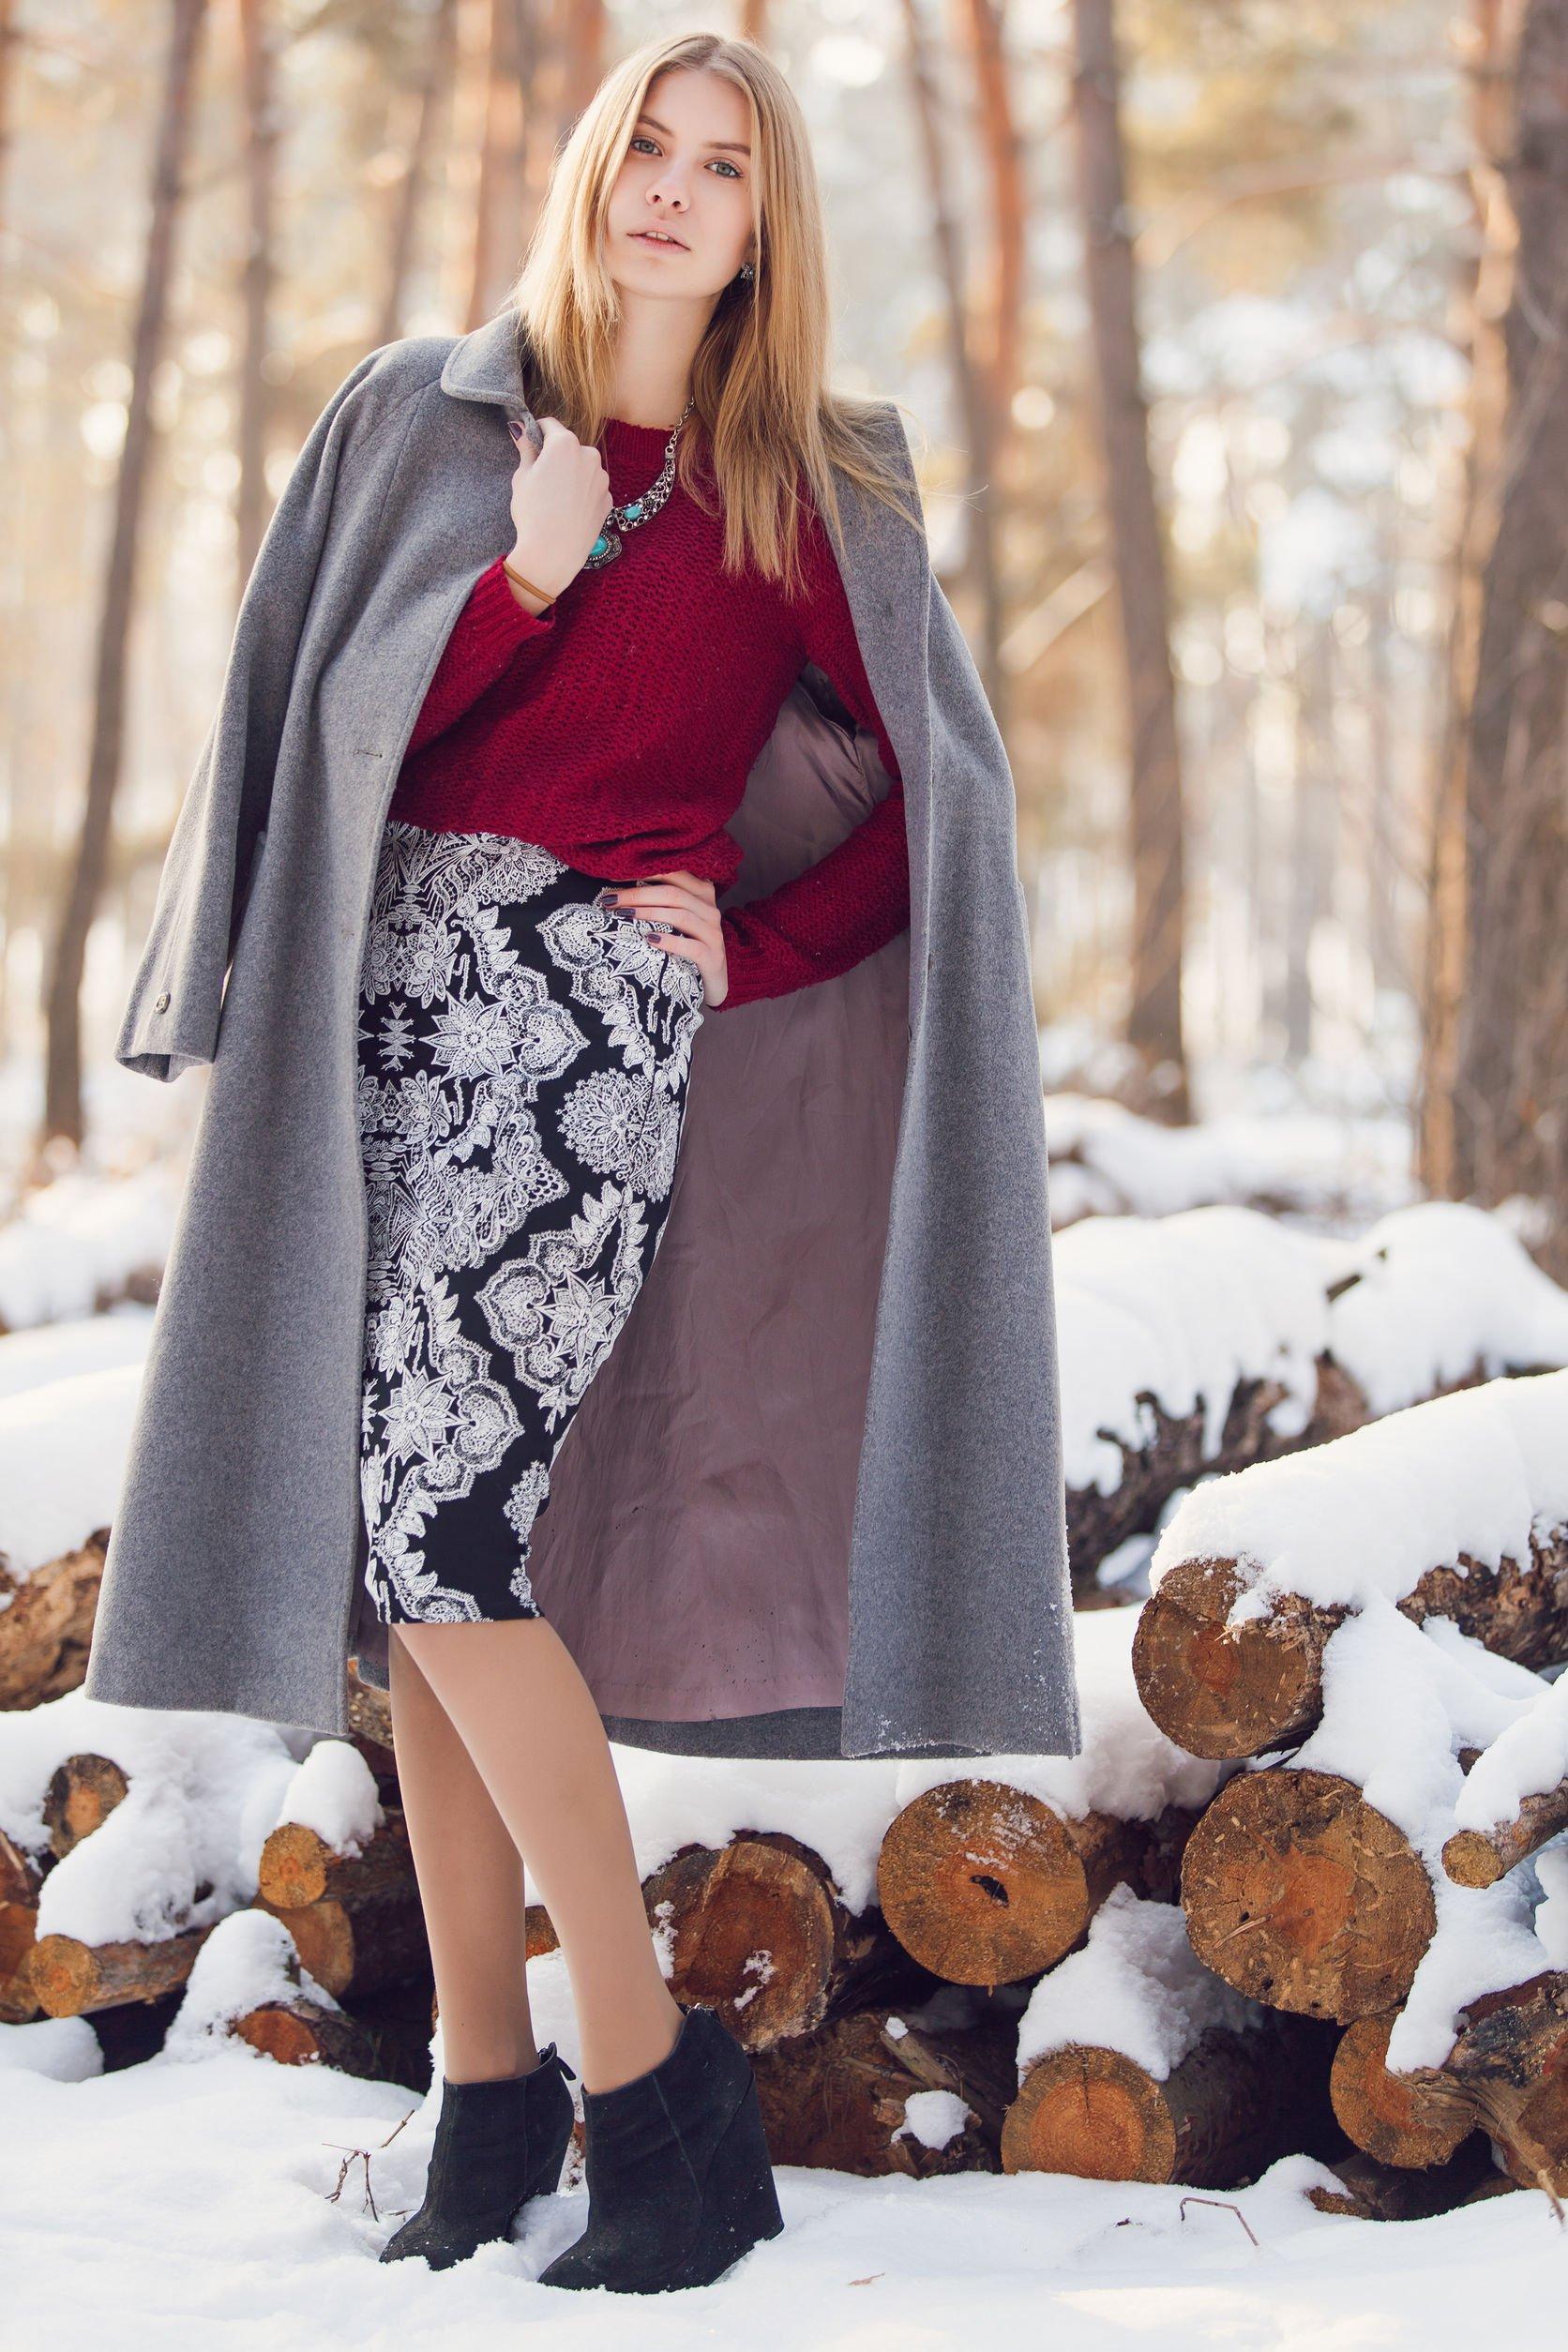 Mulher com roupas de sociais de frio ao lado de troncos de árvore cobertos de neve